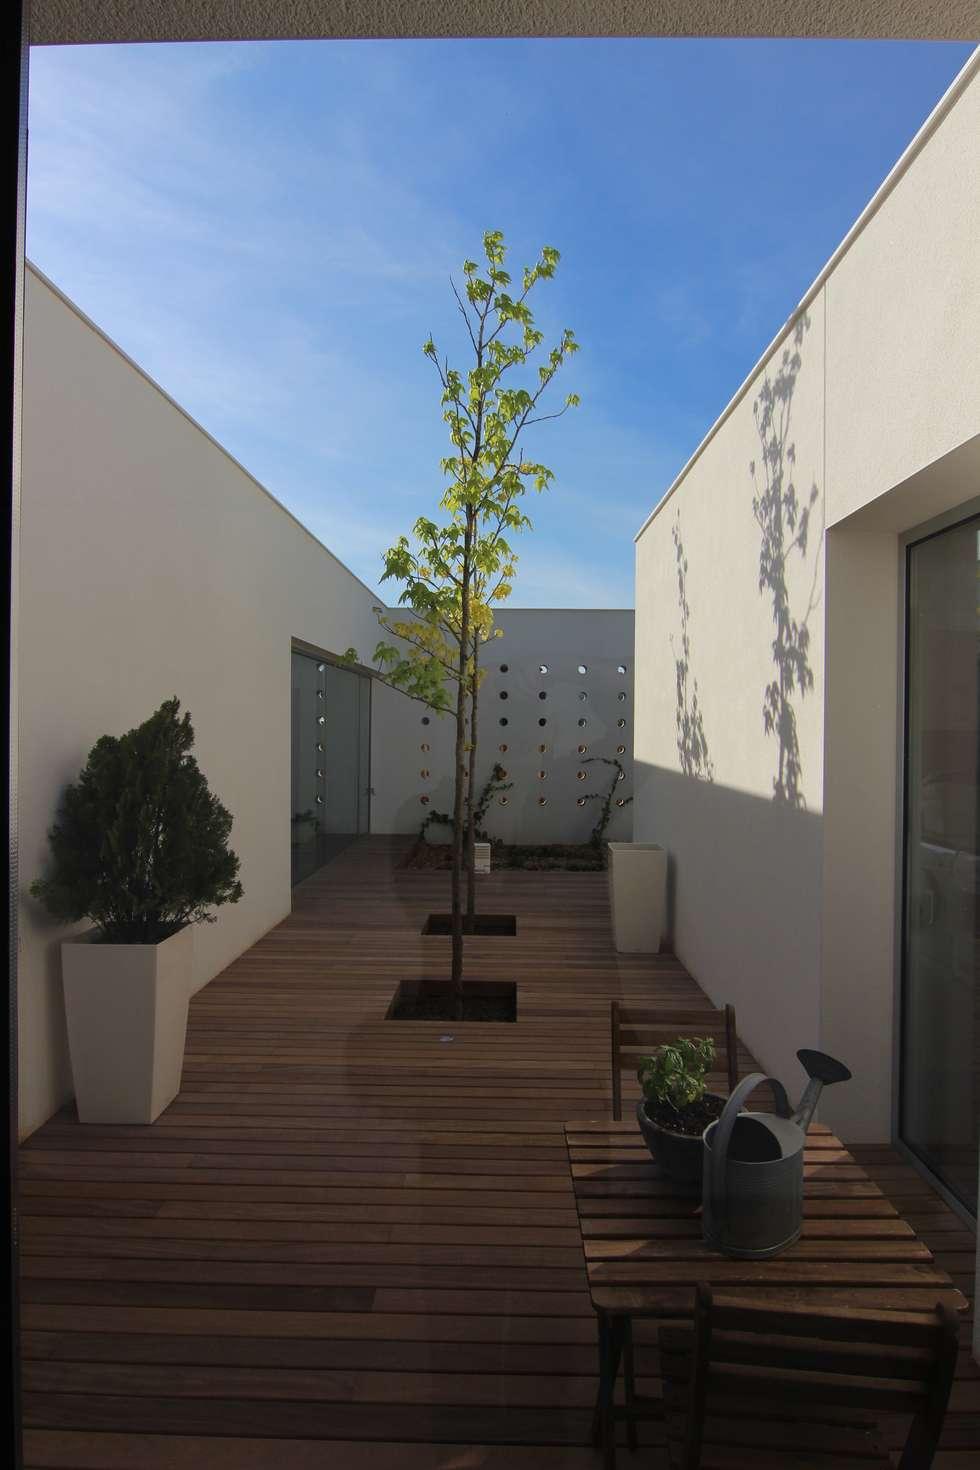 Fotos de decoraci n y dise o de interiores homify for Casa minimalista vidriada